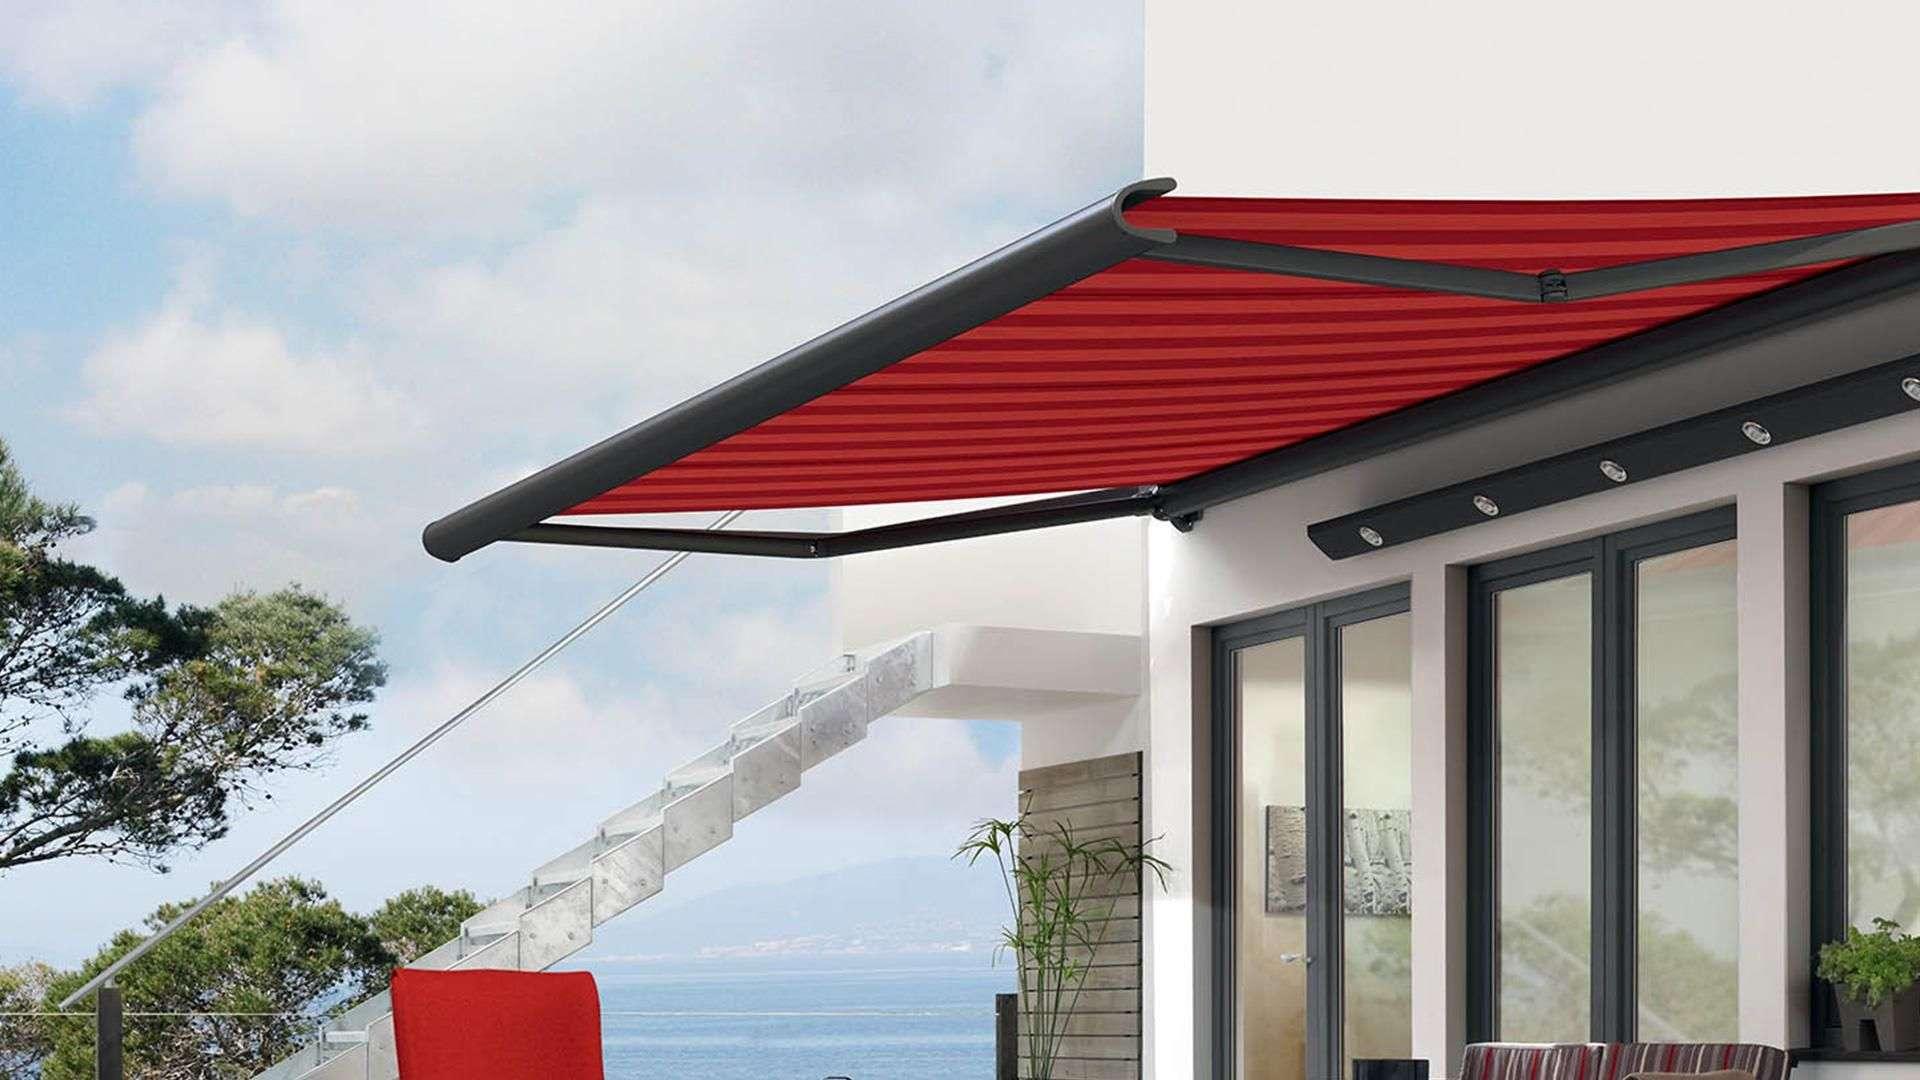 rote Gelenkarm-Markise an einer Hauswand